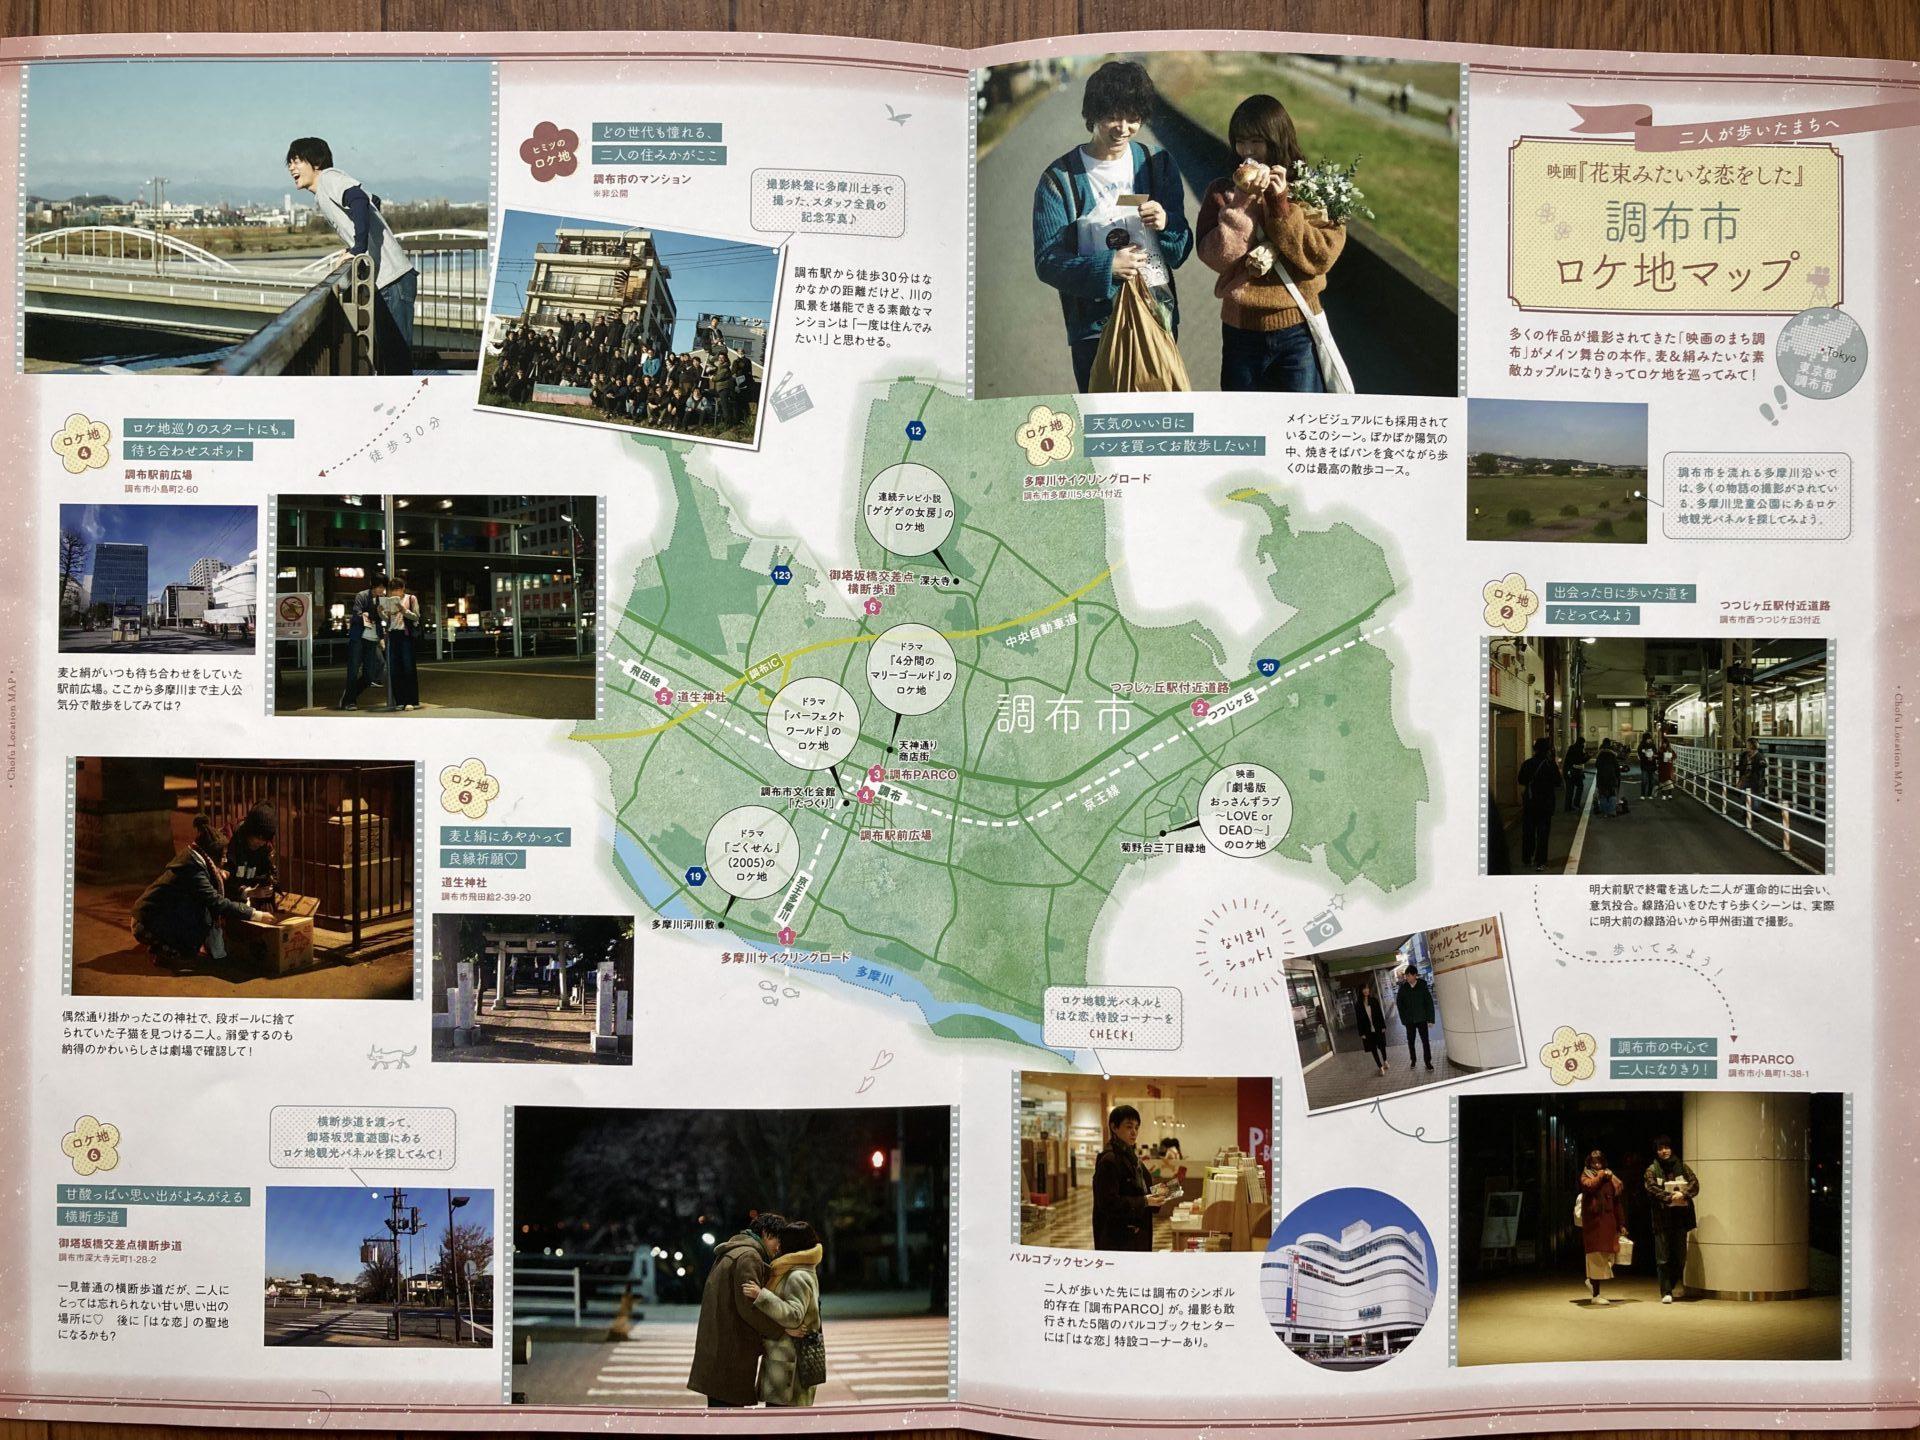 花束みたいな恋をした』① #はな恋 ロケ地マップ片手に多摩川をサイクリング - ふじ・ふじブログ